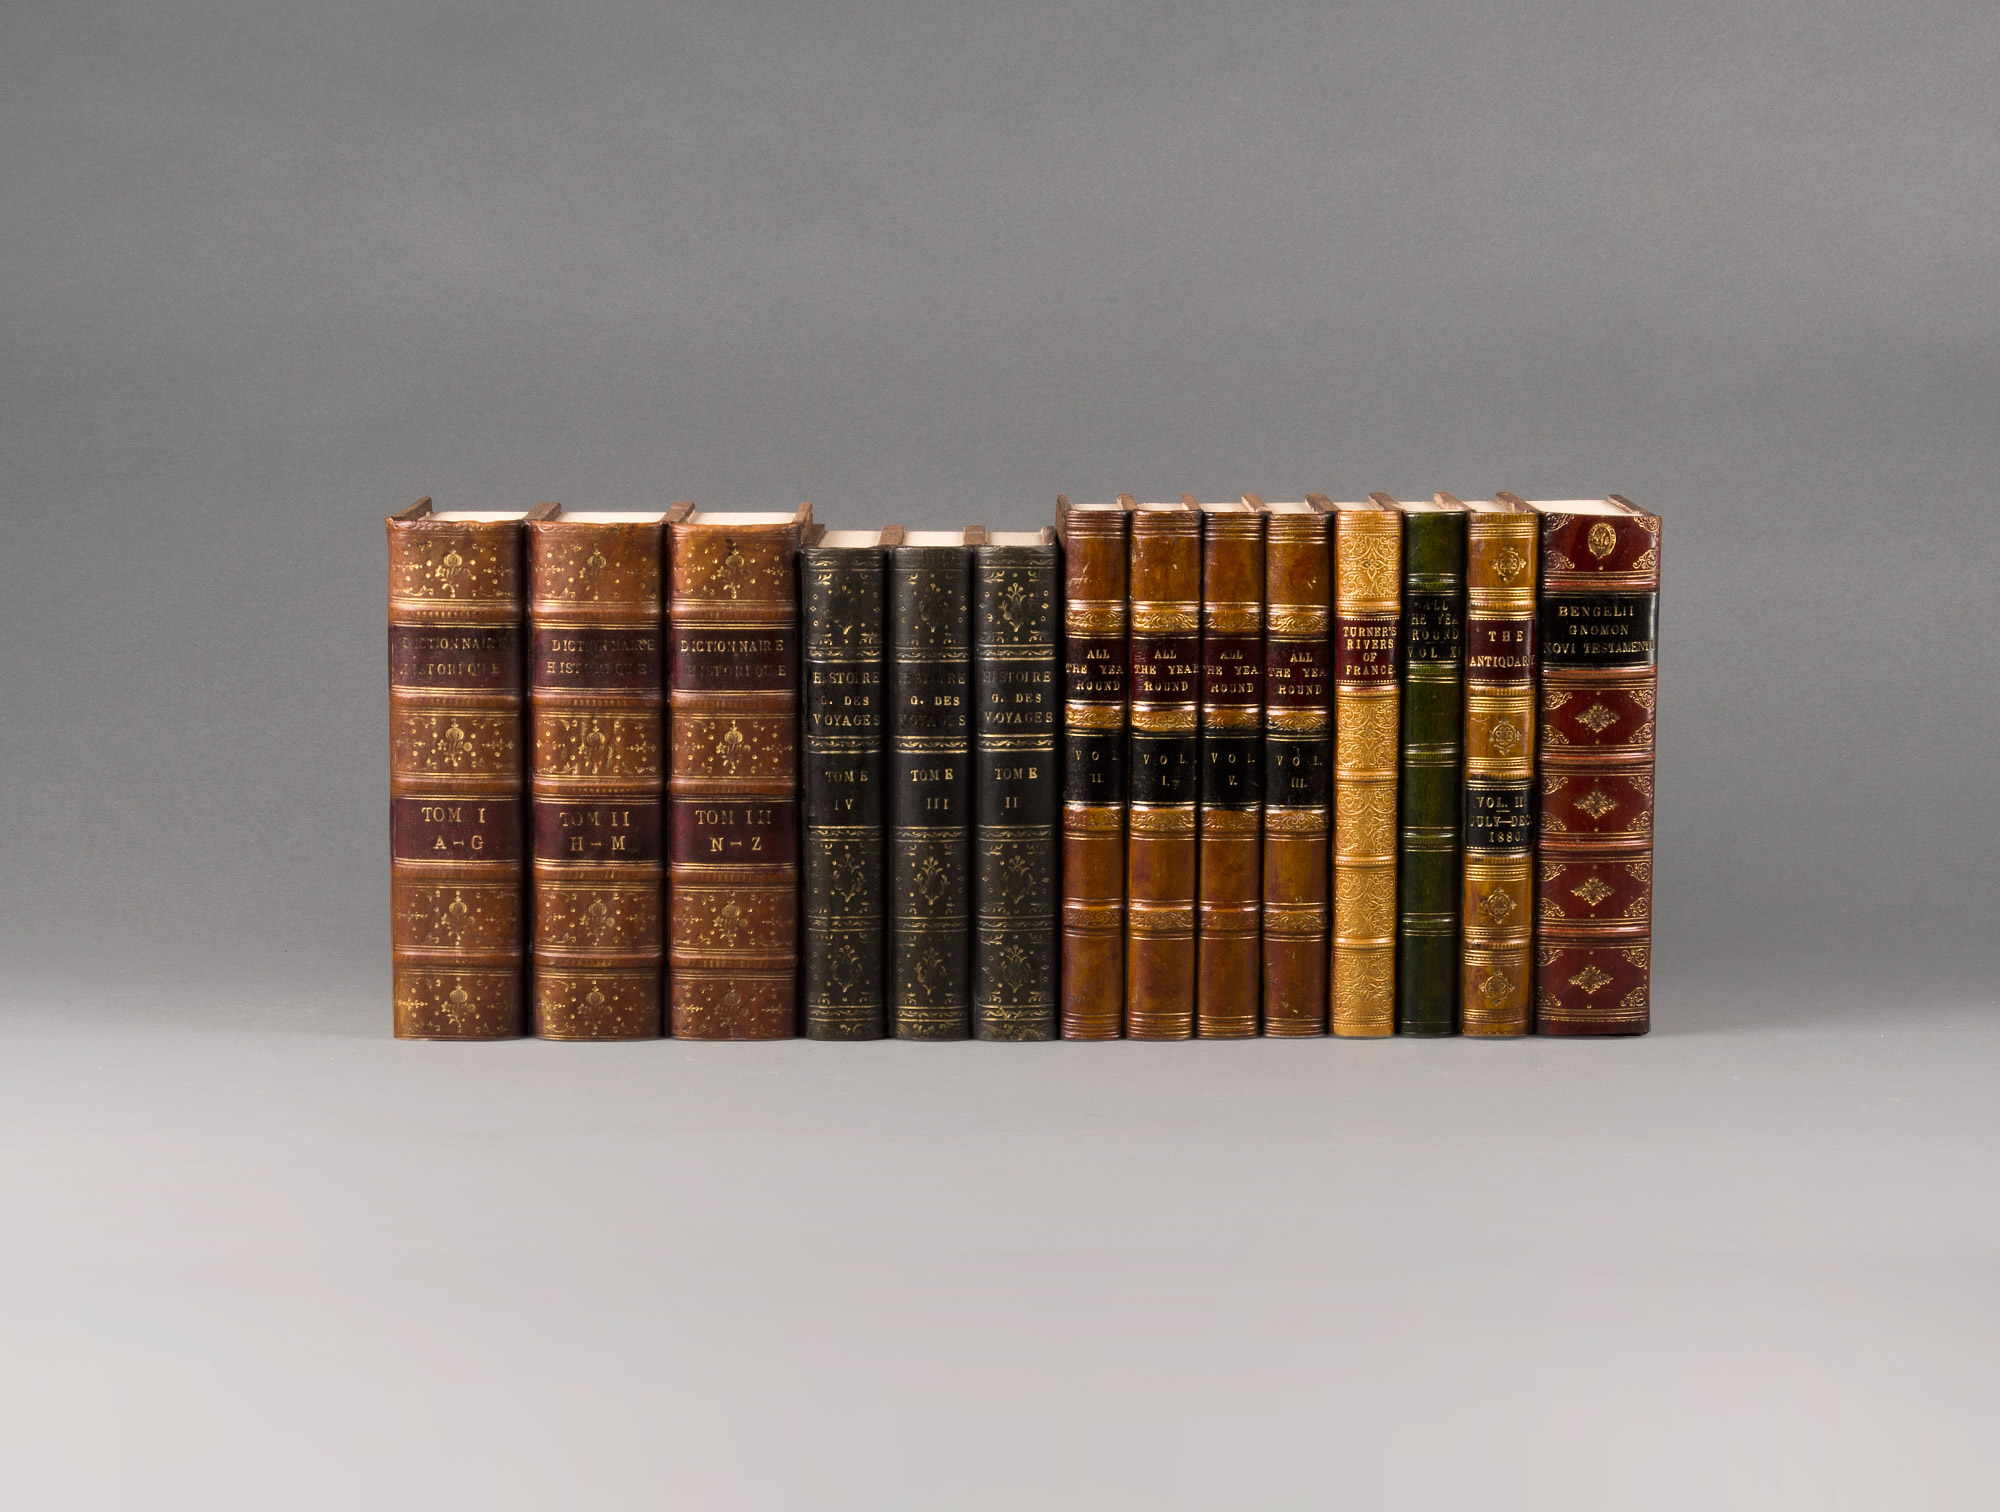 faux livres anglais soubrier louer accessoires acc de bureau xixe. Black Bedroom Furniture Sets. Home Design Ideas